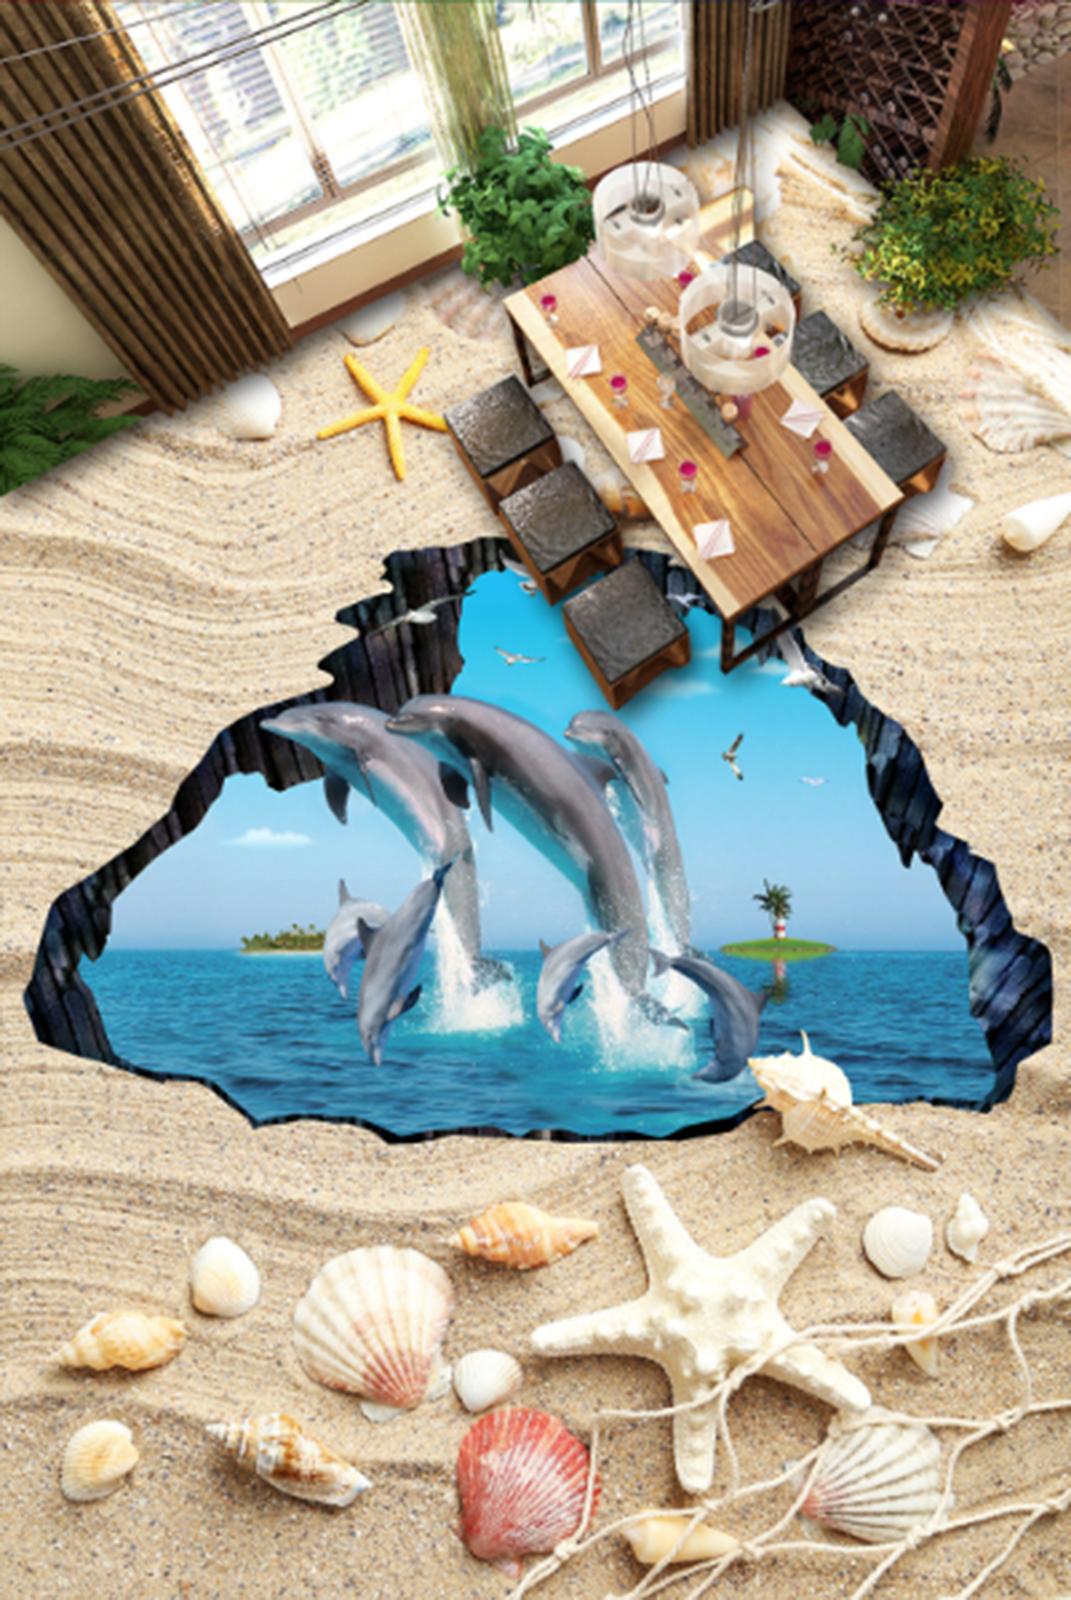 3D Starfish Delphine 813 Fototapeten Wandbild Fototapete Tapete Familie DE Lemon